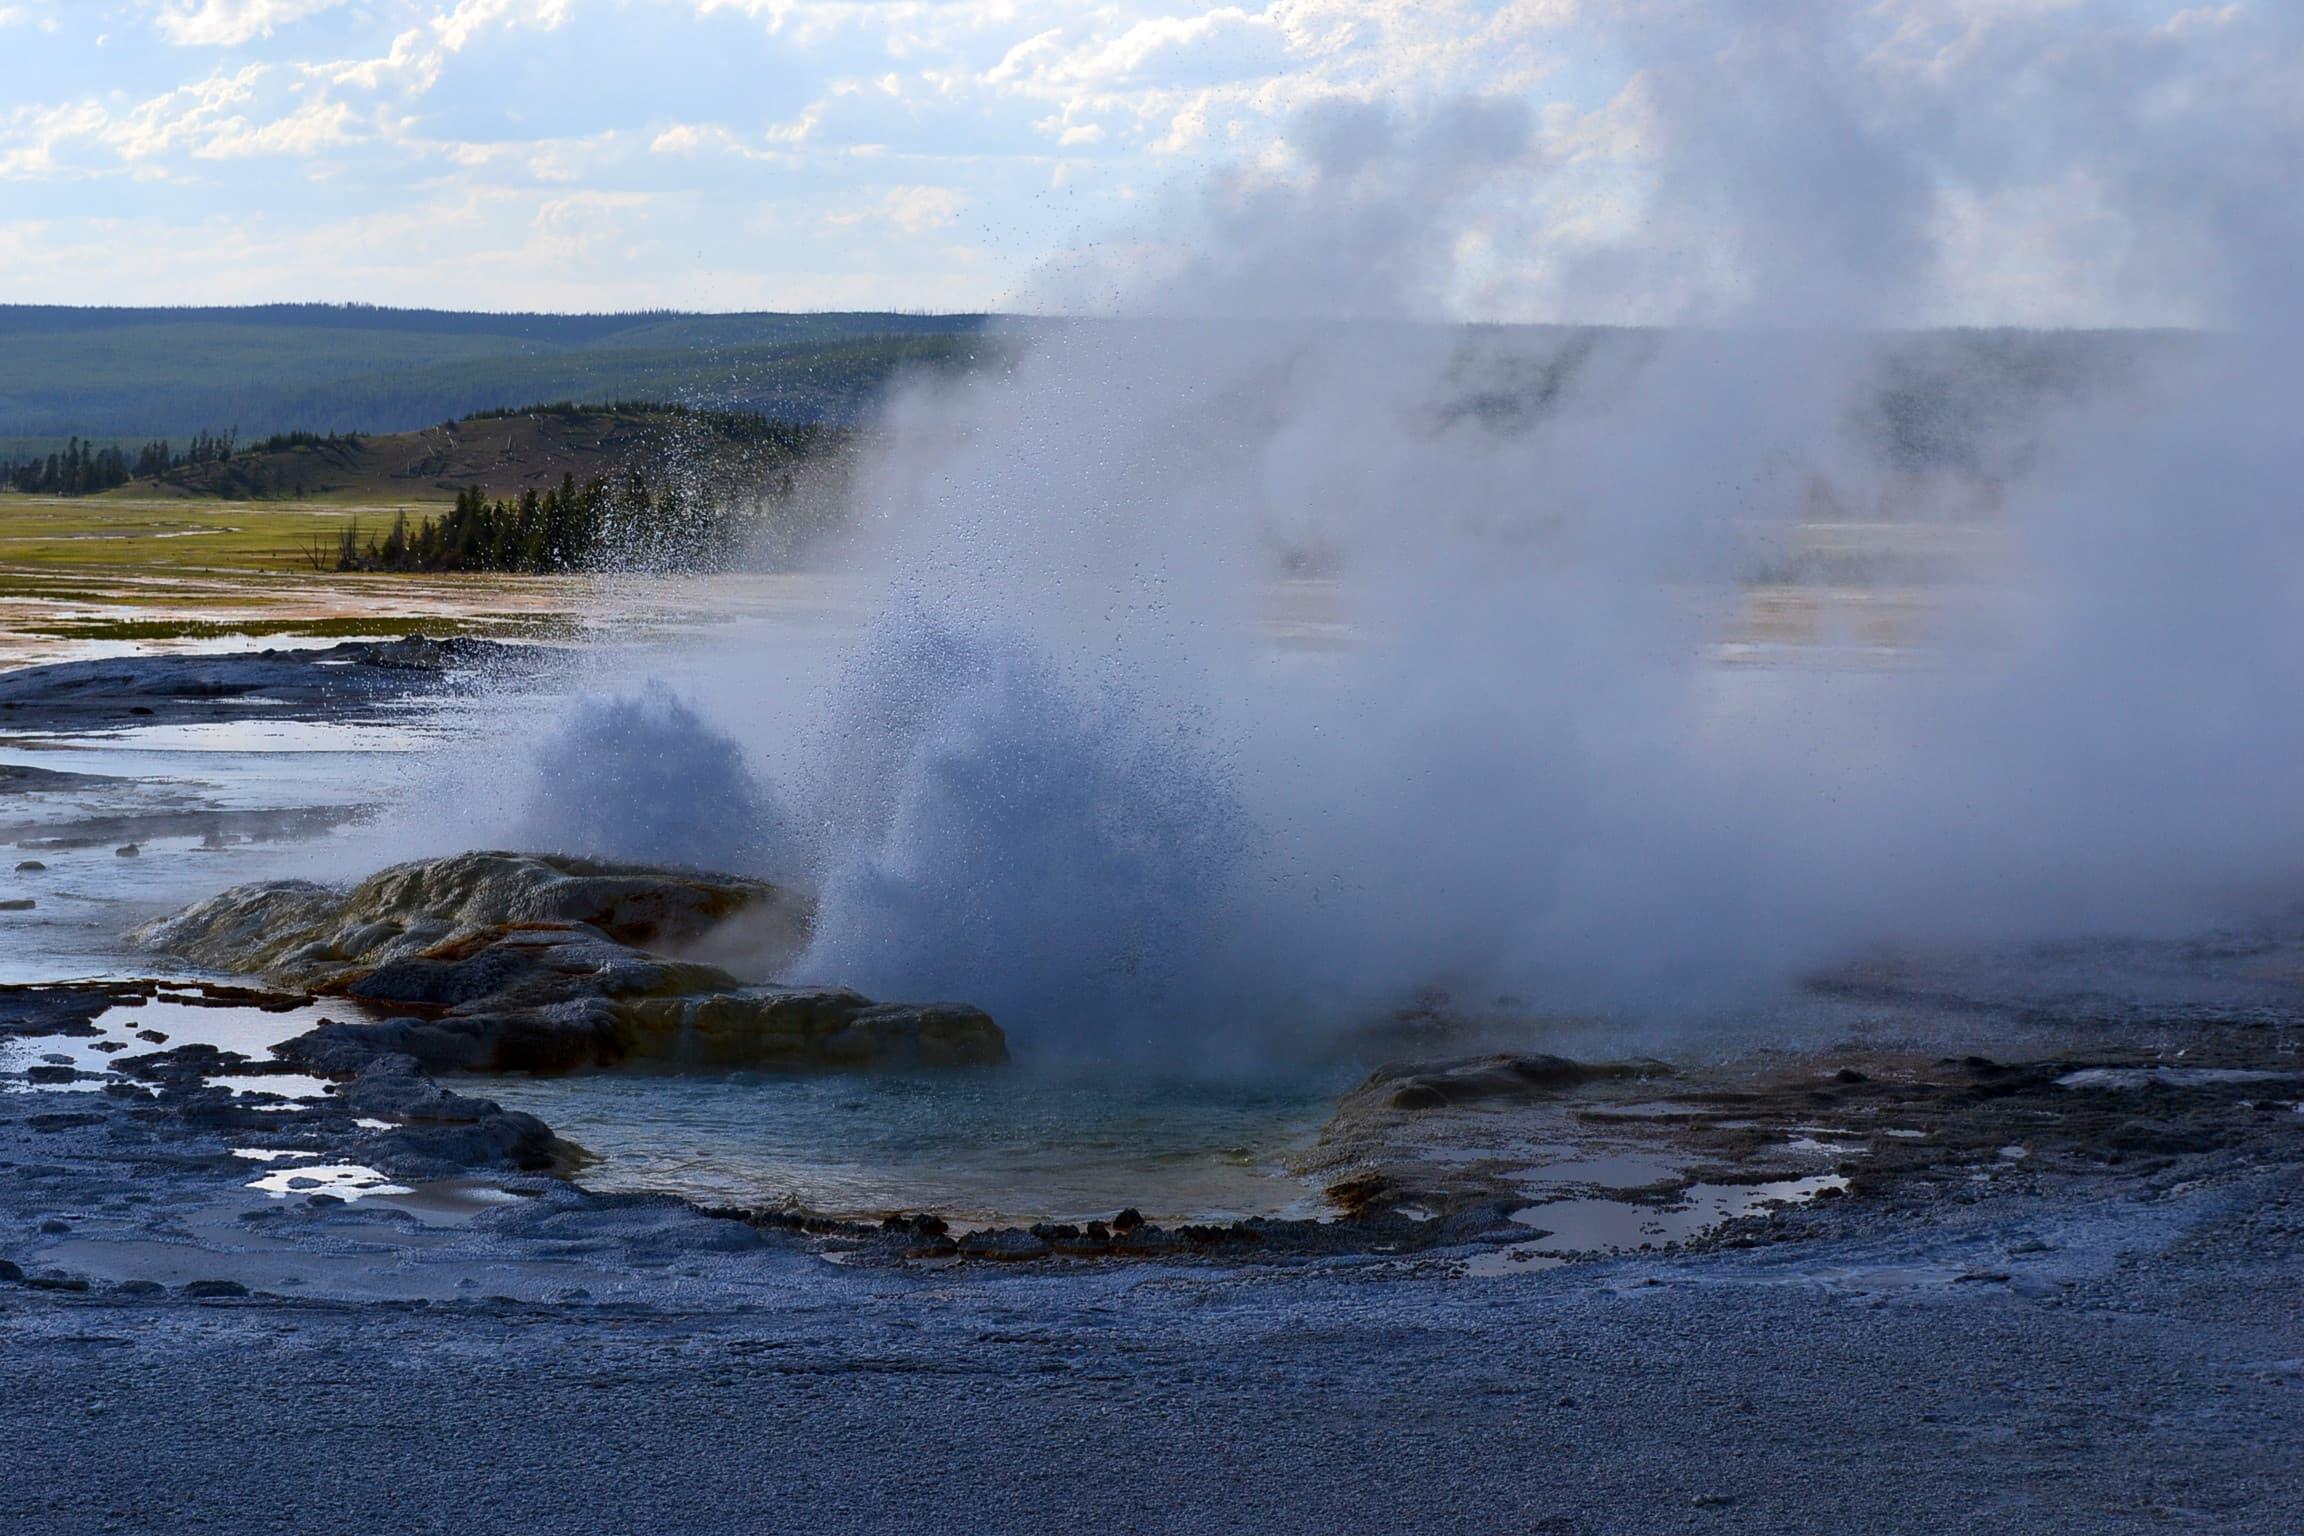 Third photo of continuing geyser eruption.